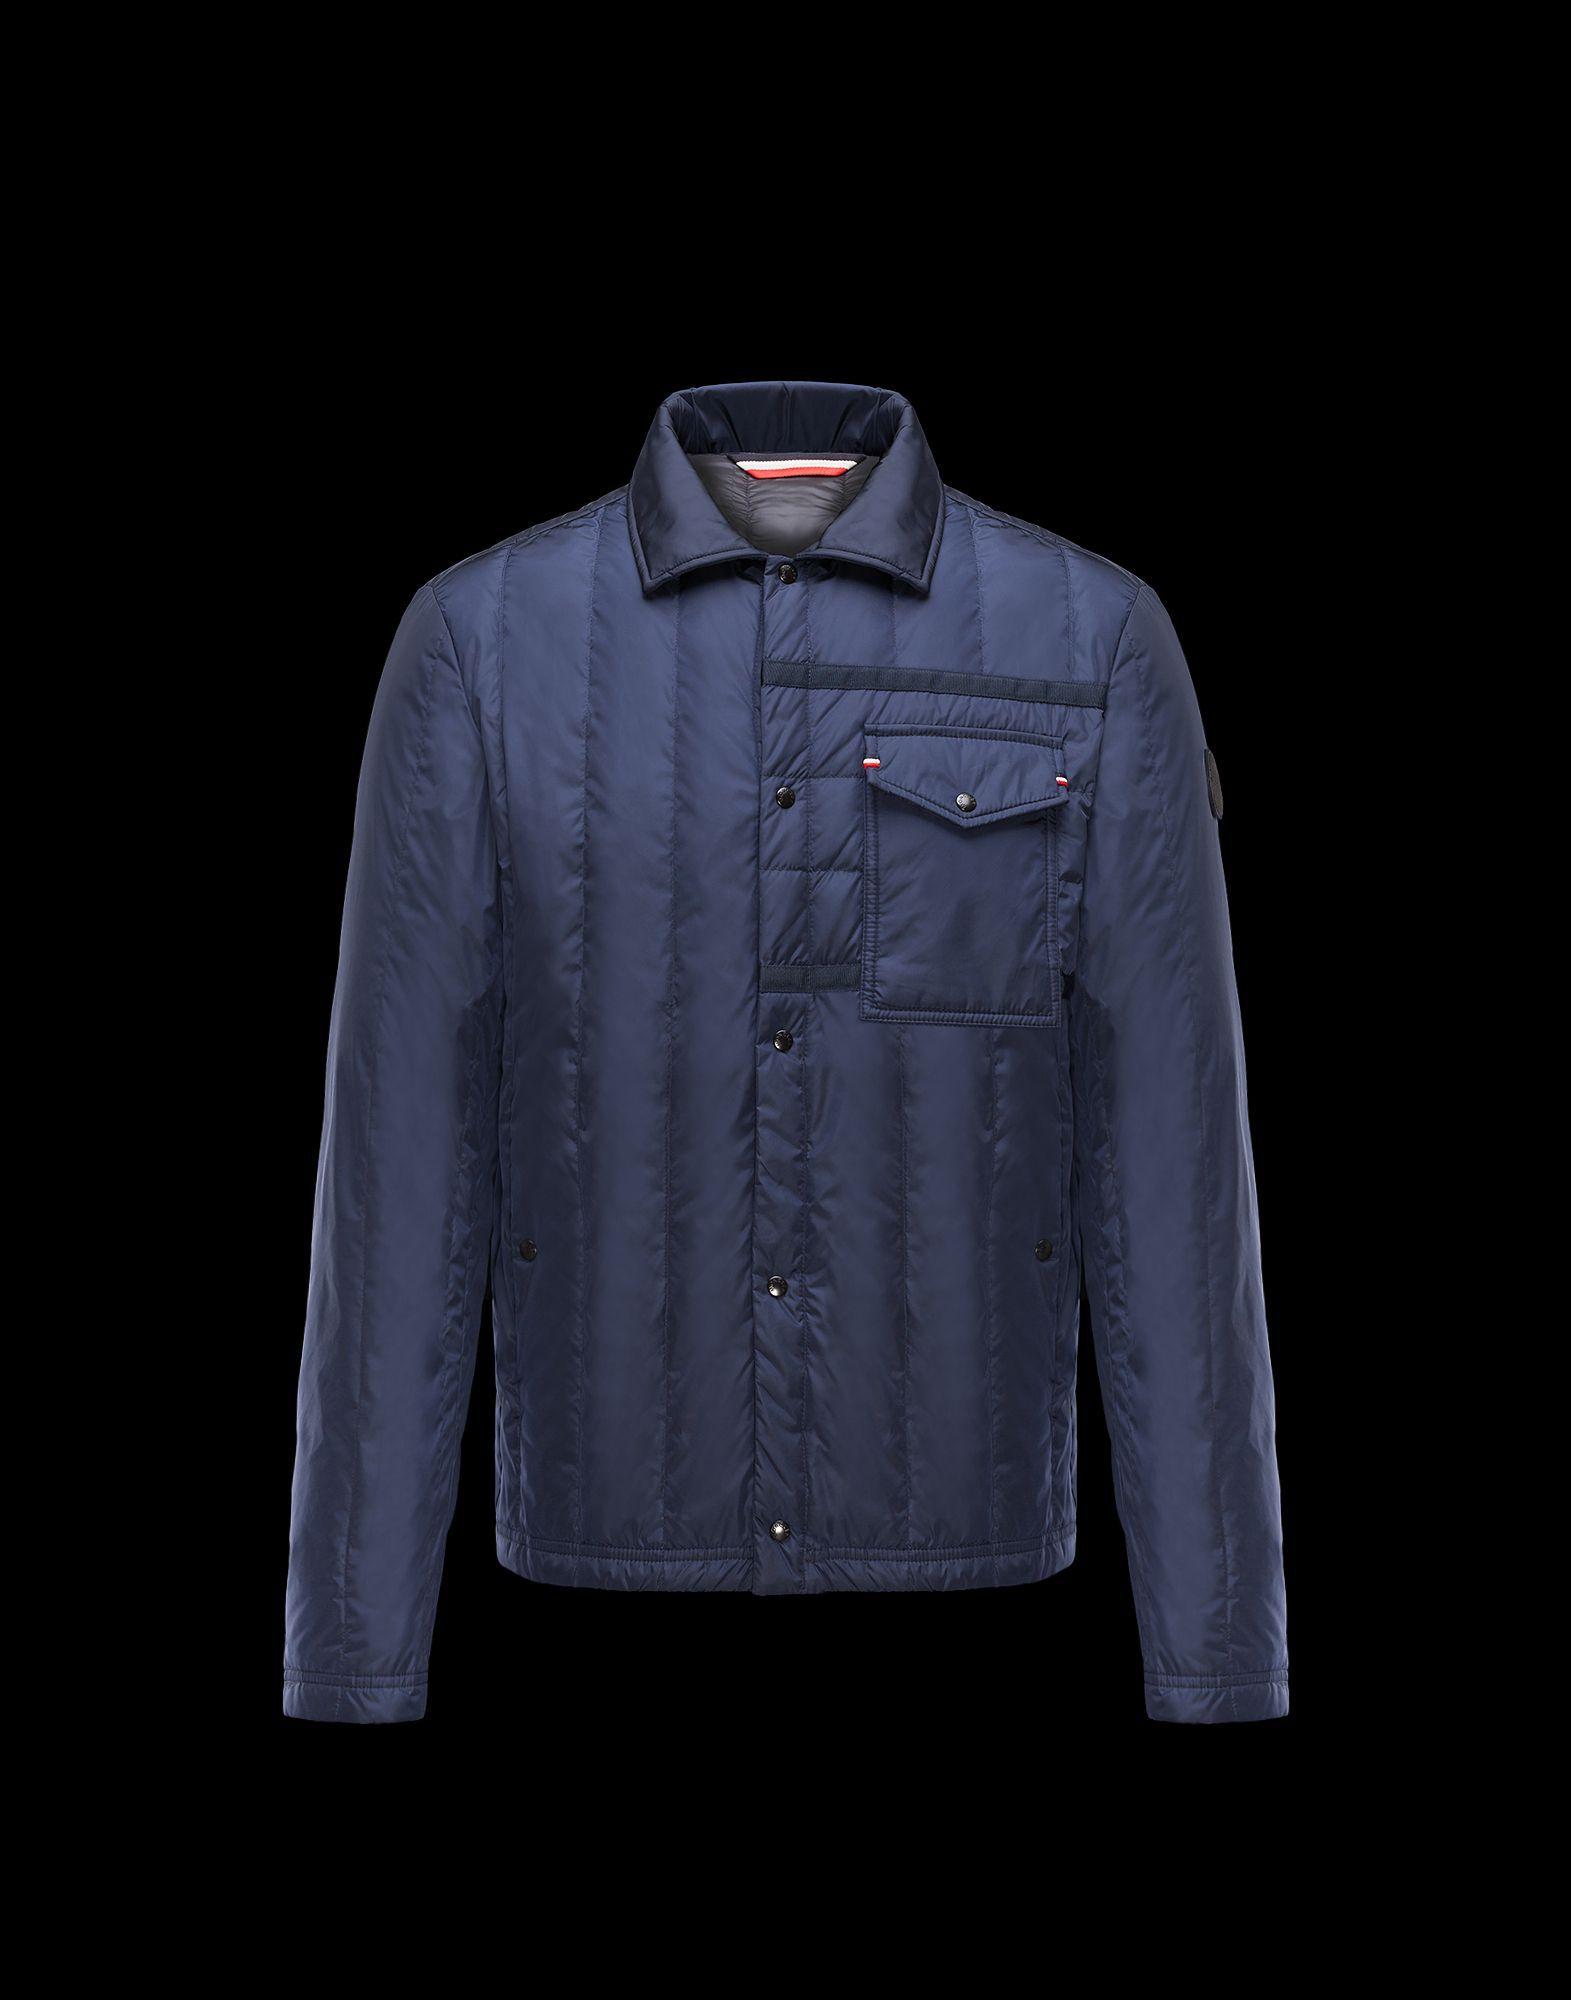 17d88f6ecbb1 BEZIERS in Overcoat for Men